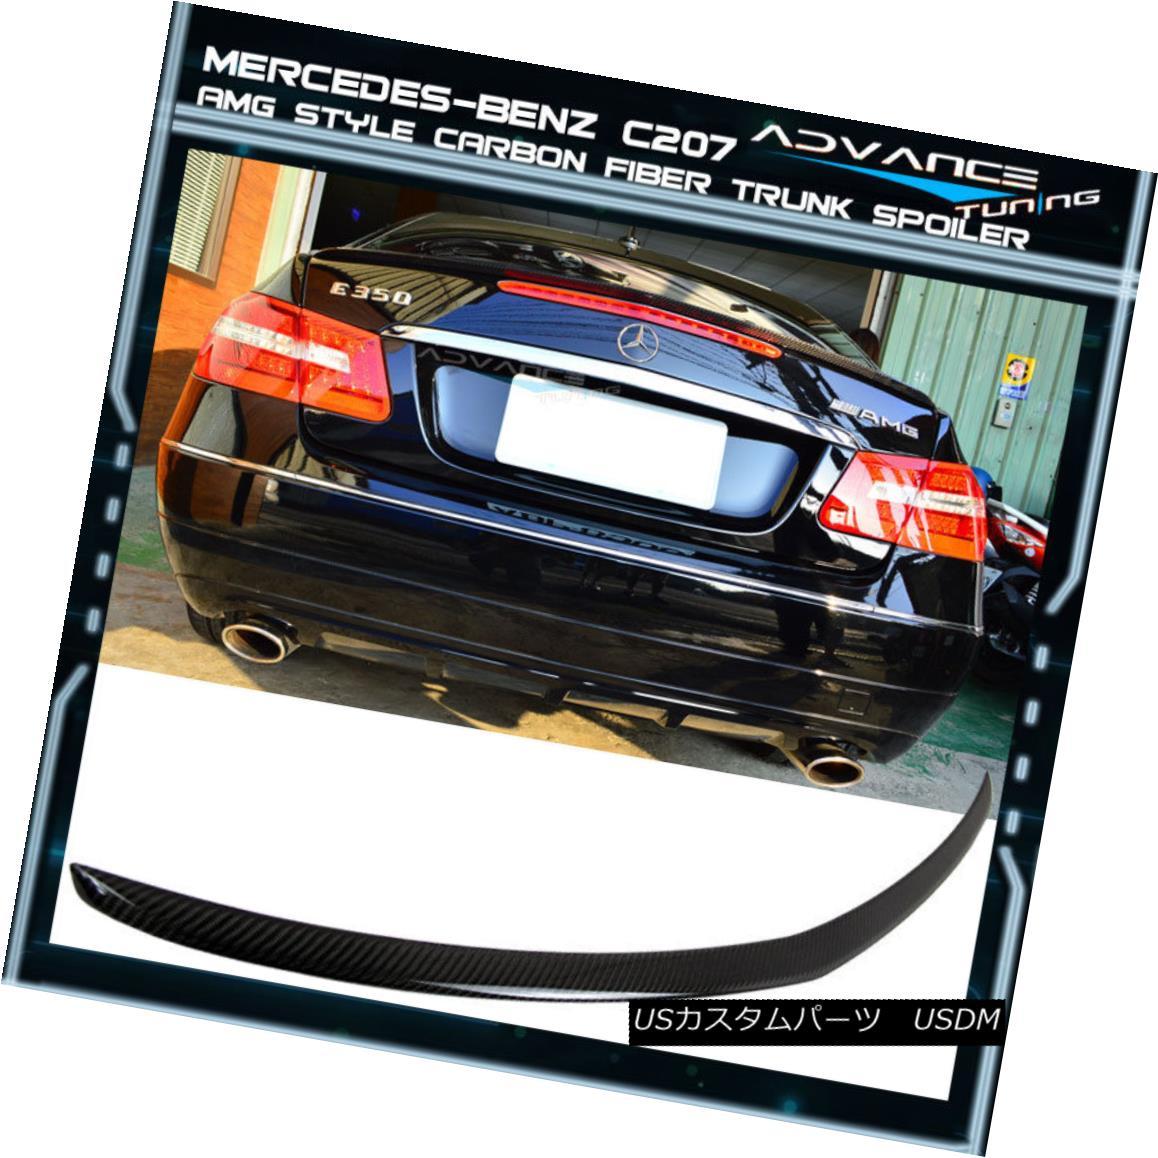 エアロパーツ 10-17 M-BENZ C207 W207 E Class 2Dr Coupe CF Carbon Fiber AMG Type Trunk Spoiler 10-17 M-BENZ C207 W207 Eクラス2DrクーペCF炭素繊維AMGタイプトランク・スポイラー